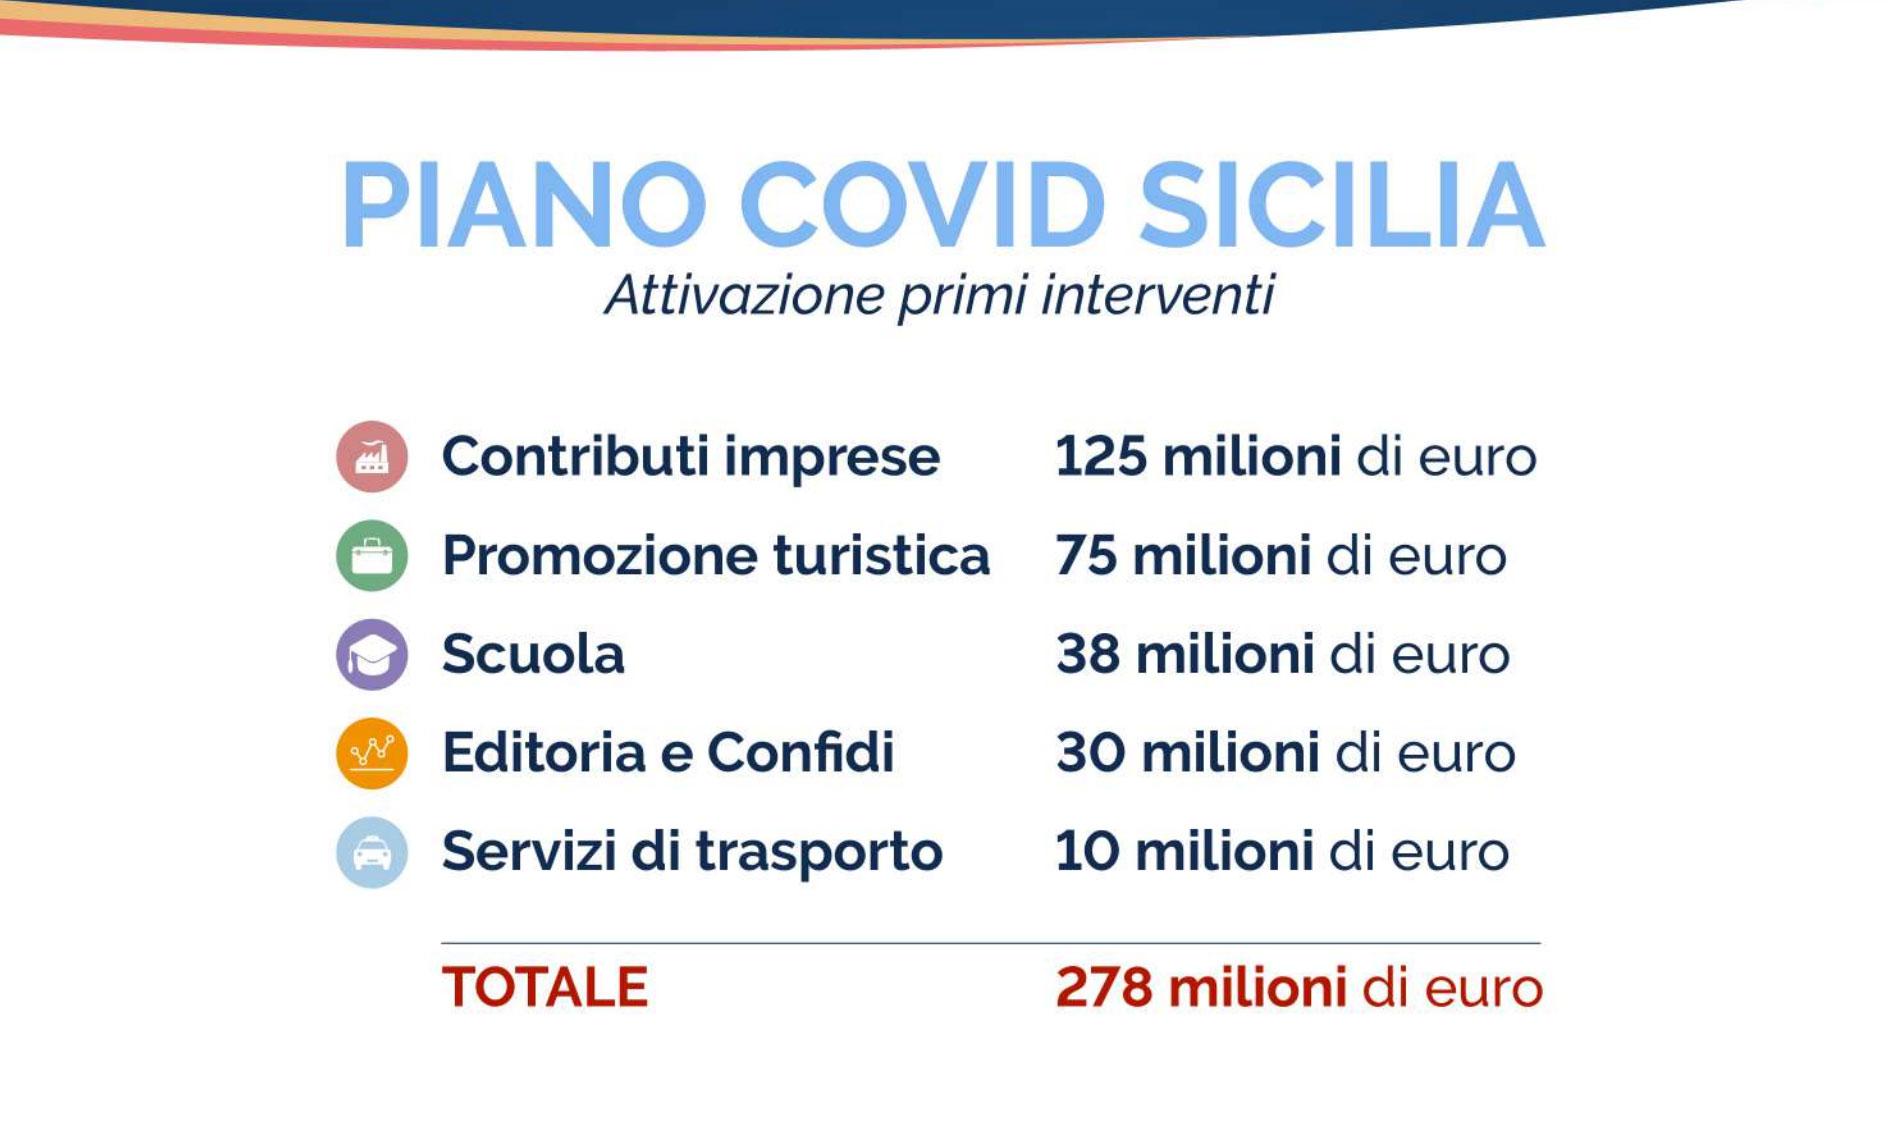 tabella con la ripartizione dei 278 milioni di euro del piano covid per la sicilia varato dal governo musumeci